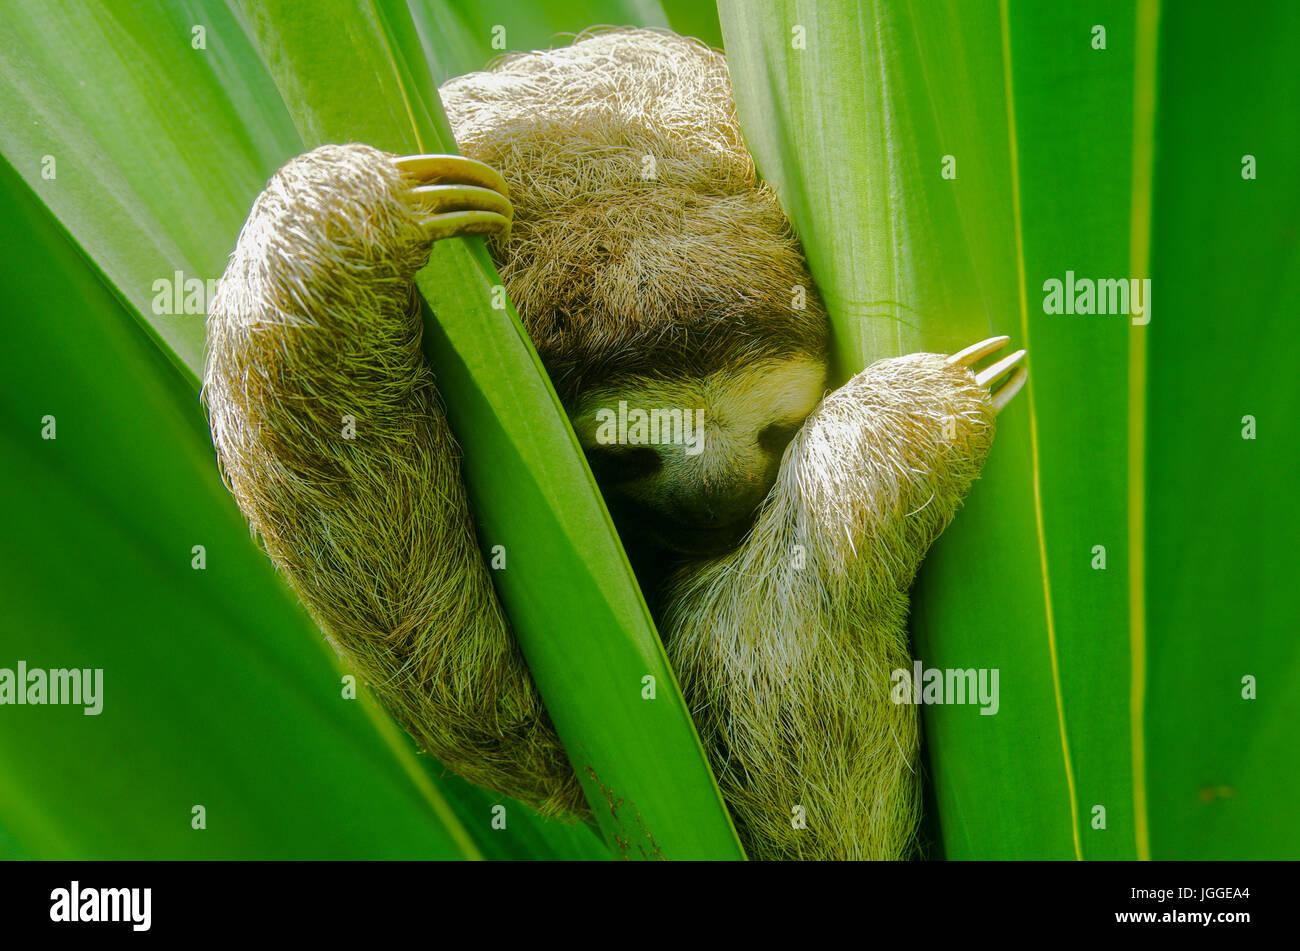 Il bradipo wildlife immagine presa in Panama Immagini Stock